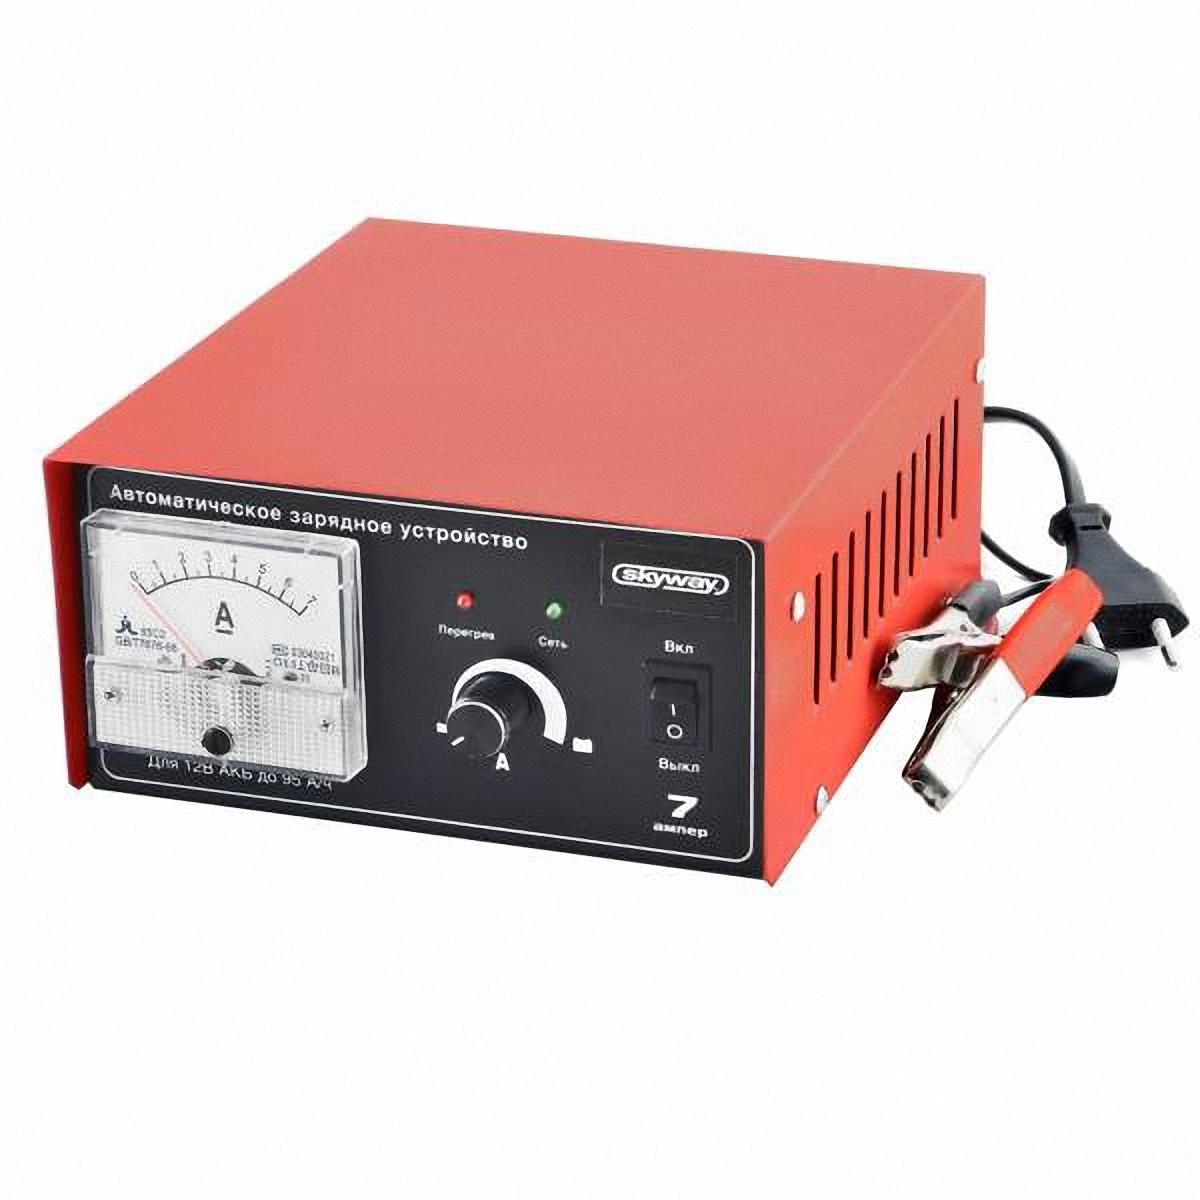 Устройство зарядное для аккумулятора Skyway. S03801001S03801001Импульсное автоматическое зарядно-предпусковое устройство для всех типов аккумуляторных батарей 7А. Особенности: Оптимальное сочетание напряжения и тока.Зарядка необслуживаемых АКБ.Зарядка без отключения и снятия АКБ с автомобиля.Использование в качестве источника питания.Защита неправильного подключения.Защита от перегрузок и короткого замыкания.Защита от перегрева. Для аккумуляторных батарей 12 В.Емкость аккумуляторной батареи - до 95 А/ч.Напряжение питания сети - 180-240В/50 Гц.Потребляемый ток - 0.7 А.Потребляемая мощность - 140 ВТ.Максимальное выходное напряжение - 14,8 В.Ток зарядки - 0,4-7 А.